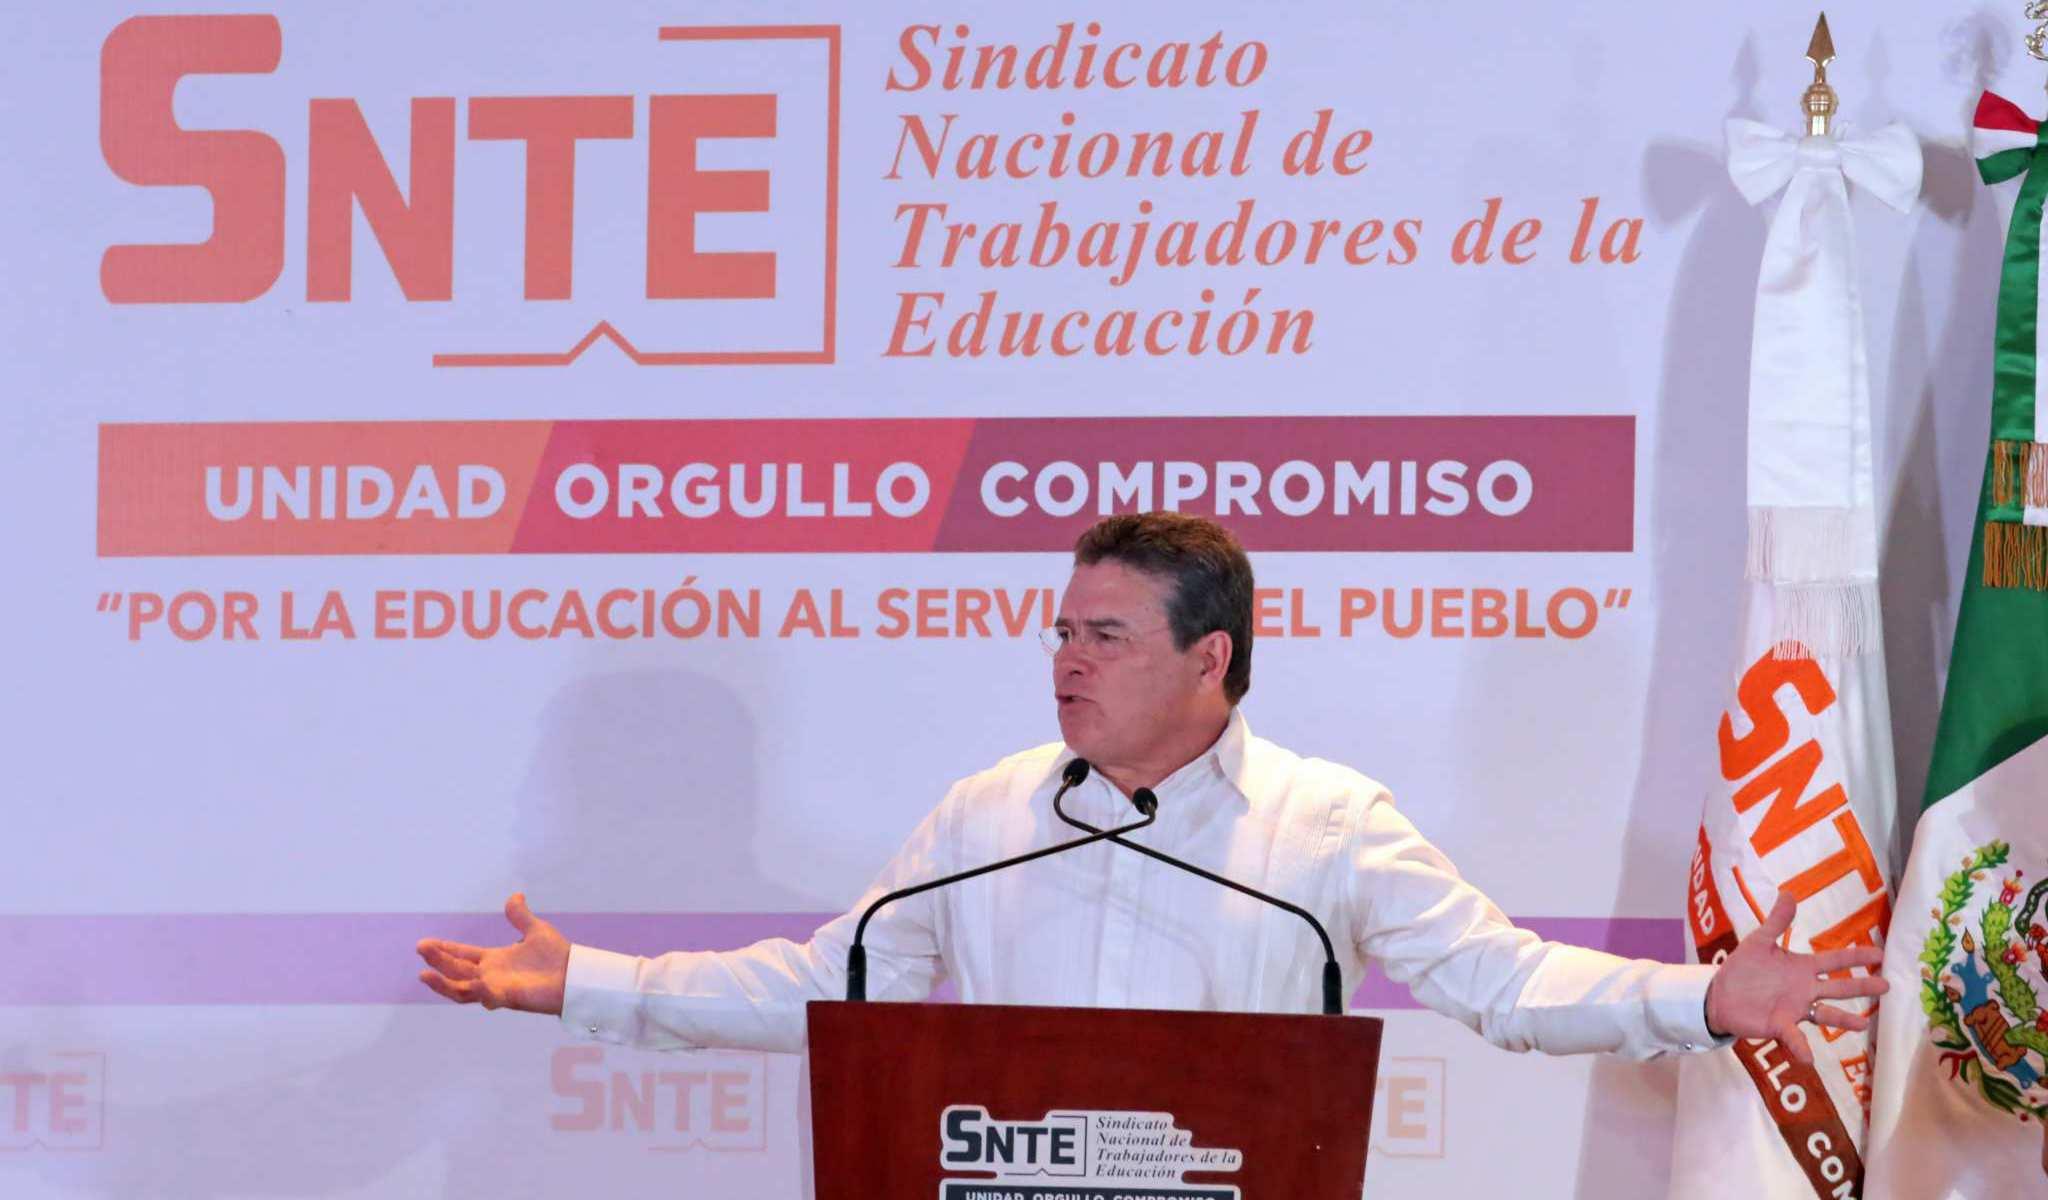 Juan Díaz pide licencia para dejar dirigencia del SNTE; ¿alguien dijo Gordillo?